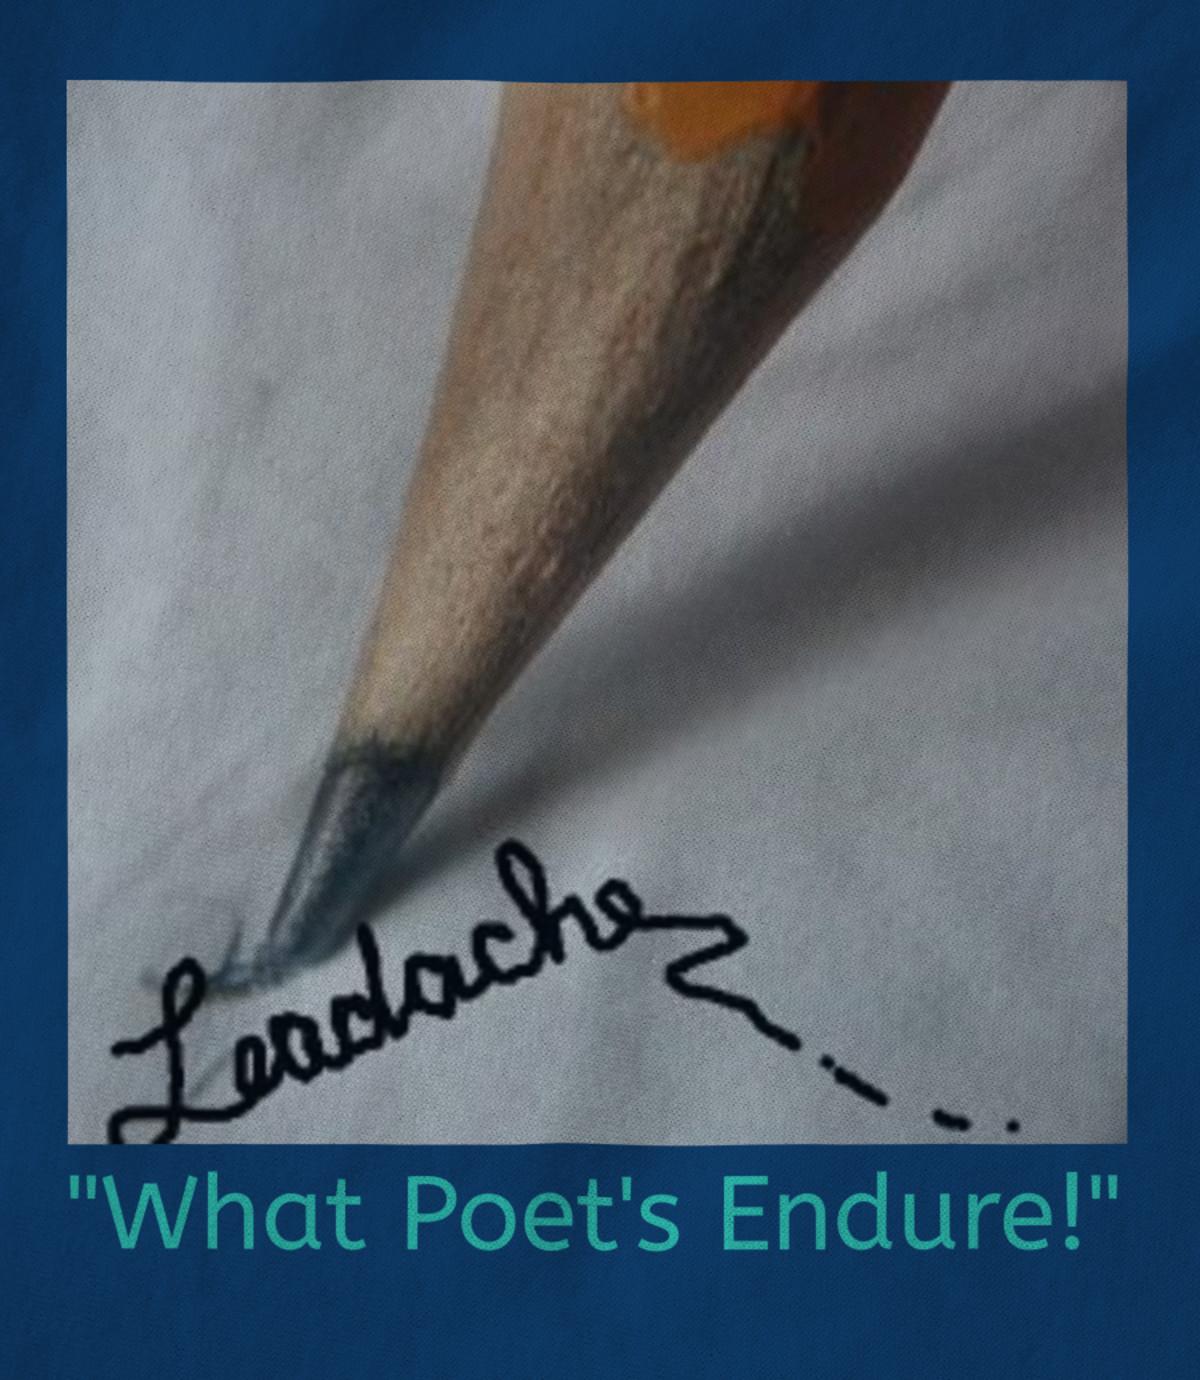 Matthew f  blowers iii   2017 what poet s endure   1506456658